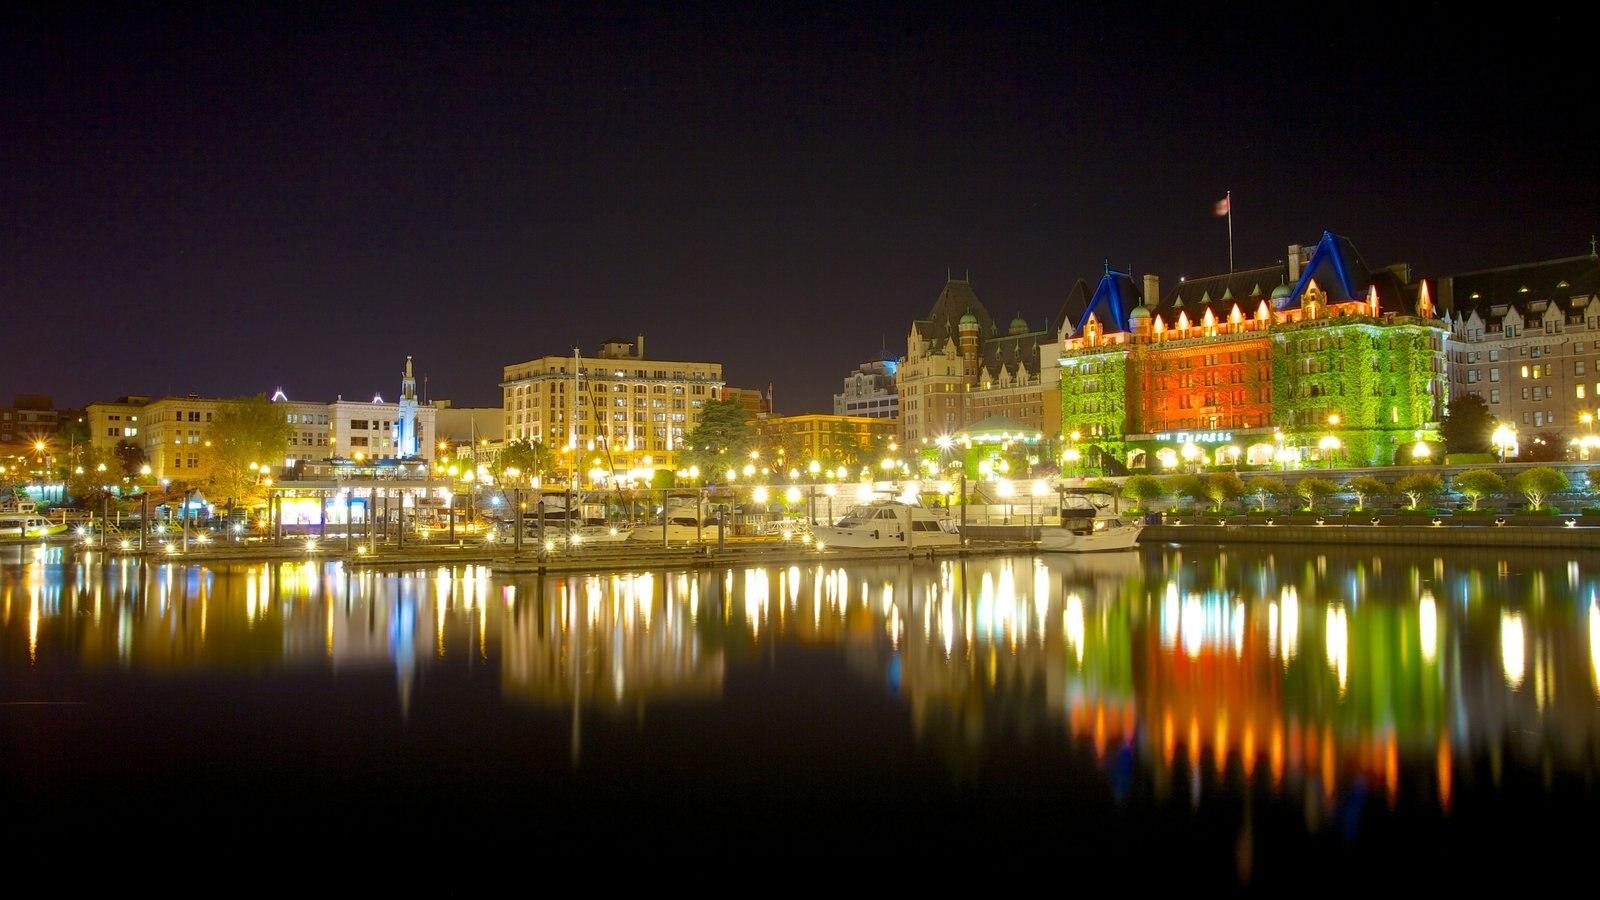 Inner Harbour caracterizando uma cidade, uma cidade litorânea e cenas noturnas